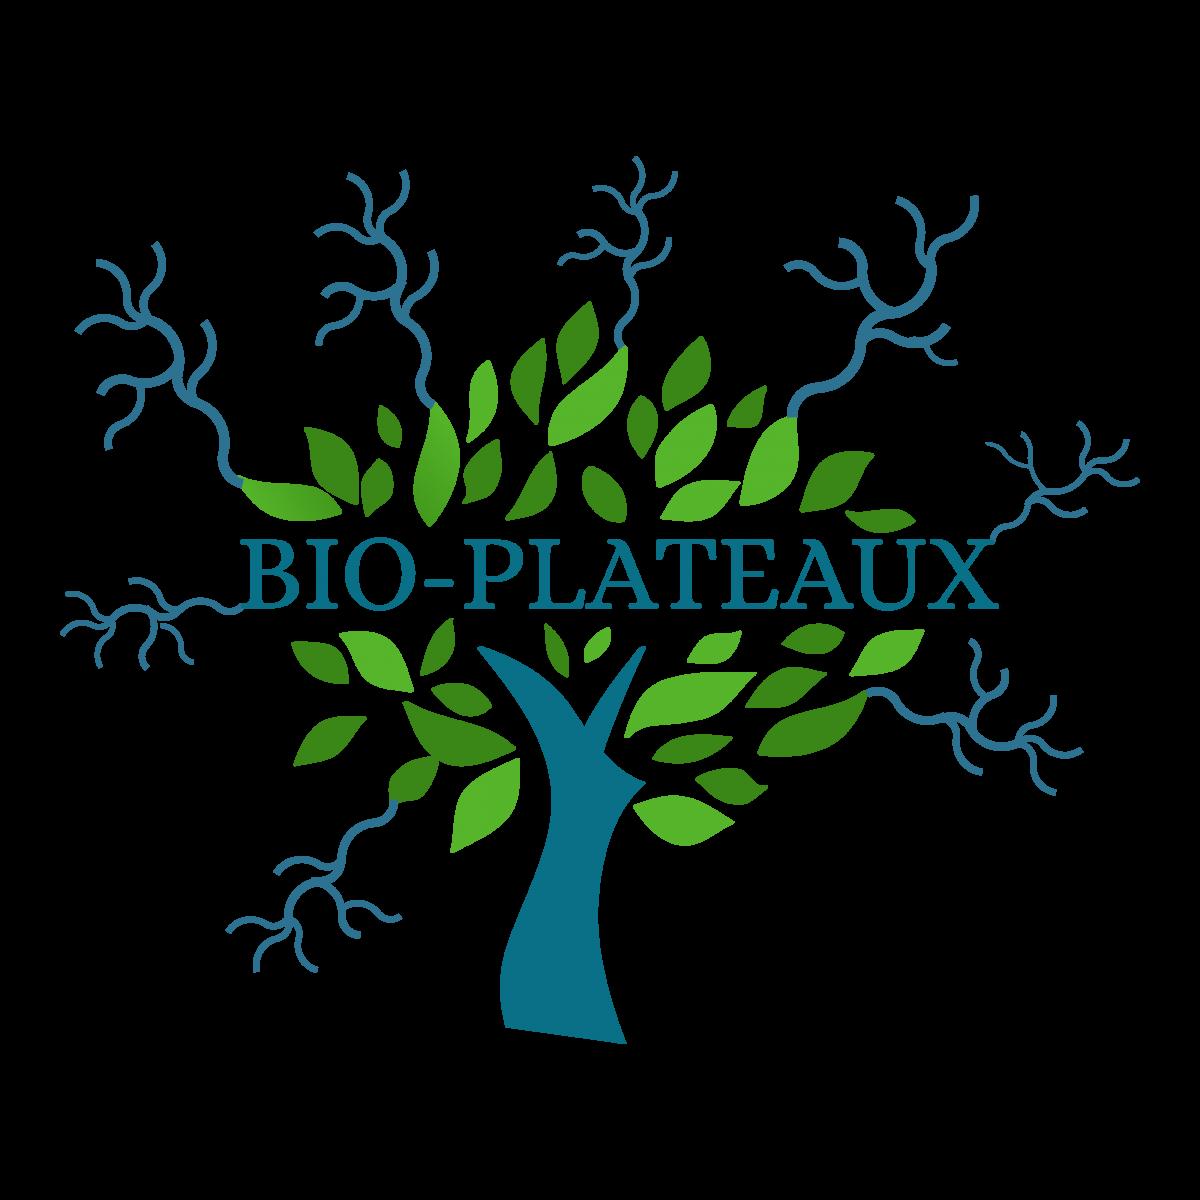 Lancement de la plateforme Bio-Plateaux, projet commun d'observatoire de la biodiversité de la Guyane française, le Suriname et le Brésil